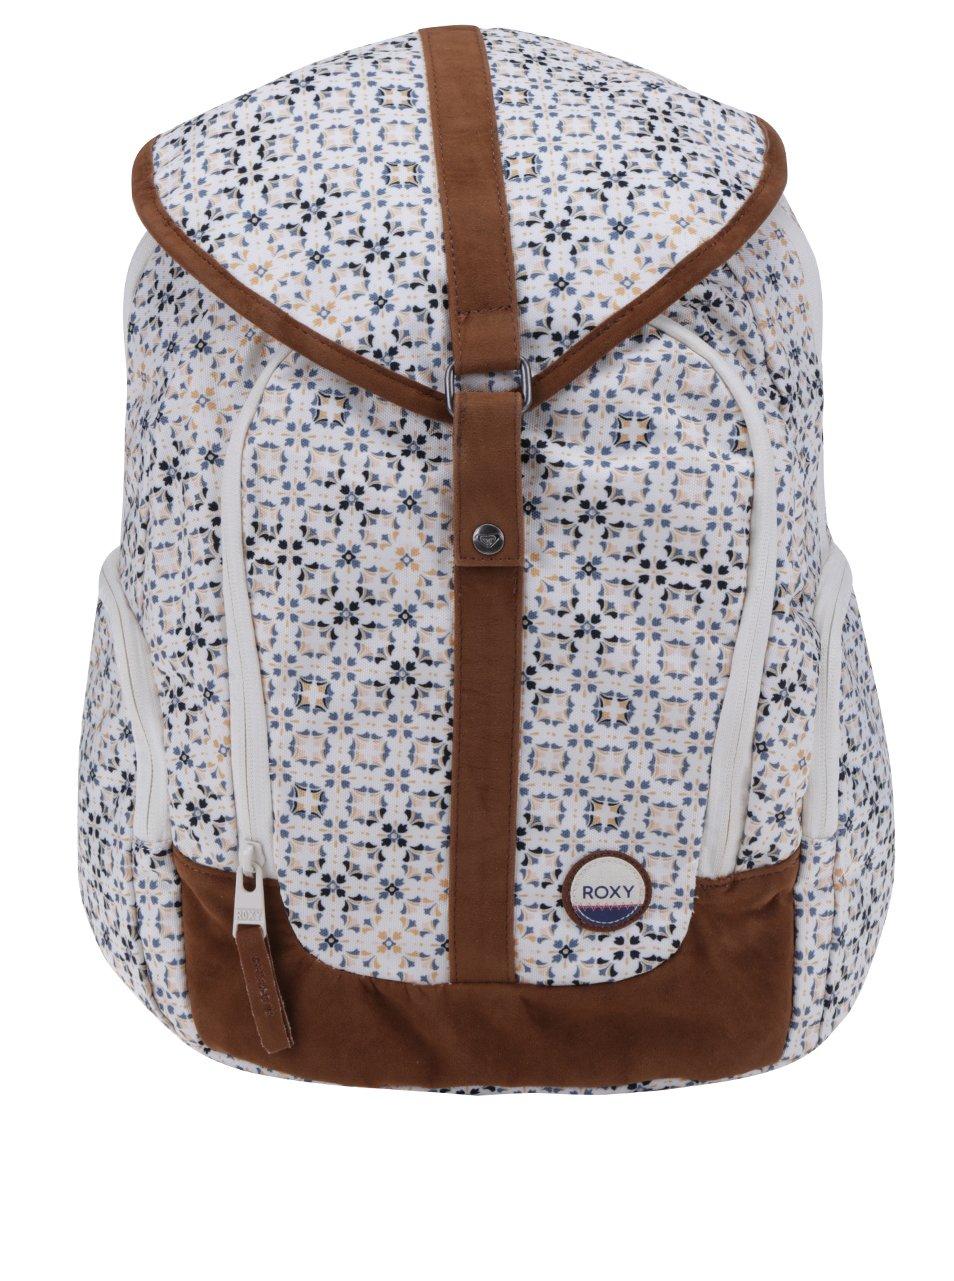 Hnedo-krémový vzorovaný batoh s chlopňou Roxy Ready to Win